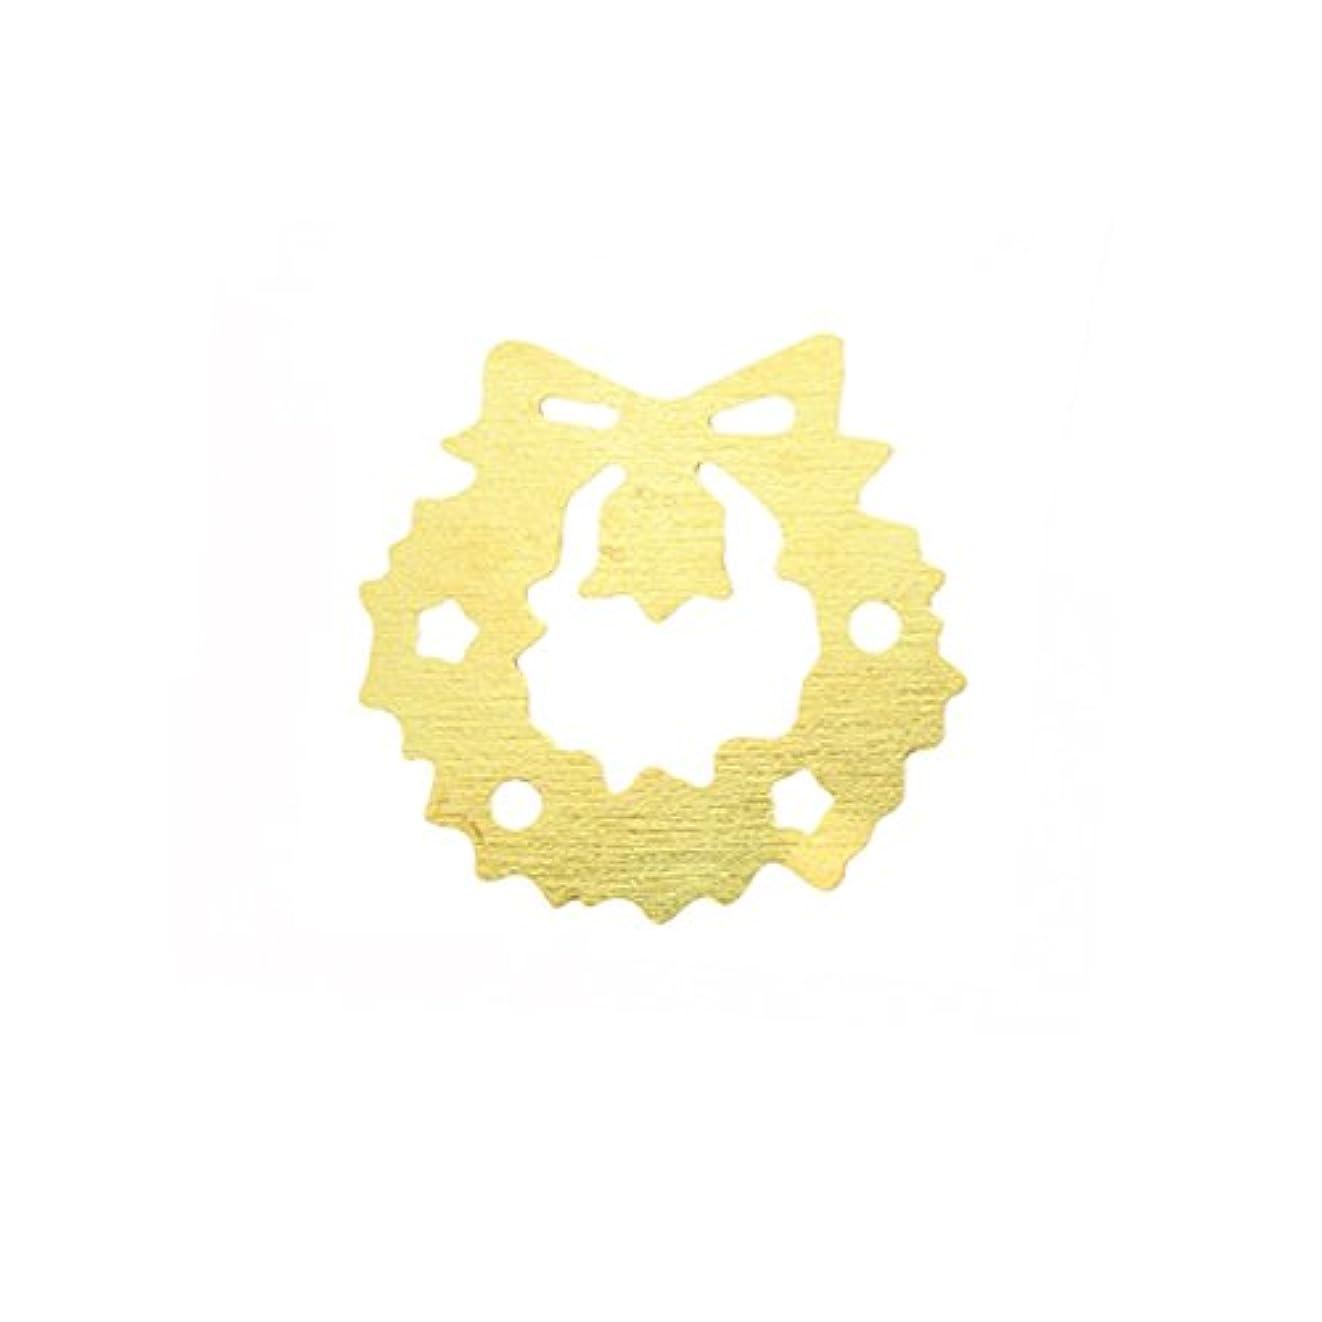 ペグ寂しい集団メタルプレート(ネイルストーン デコ) クリスマスリース ゴールド (30個入り)(ネイル用品)